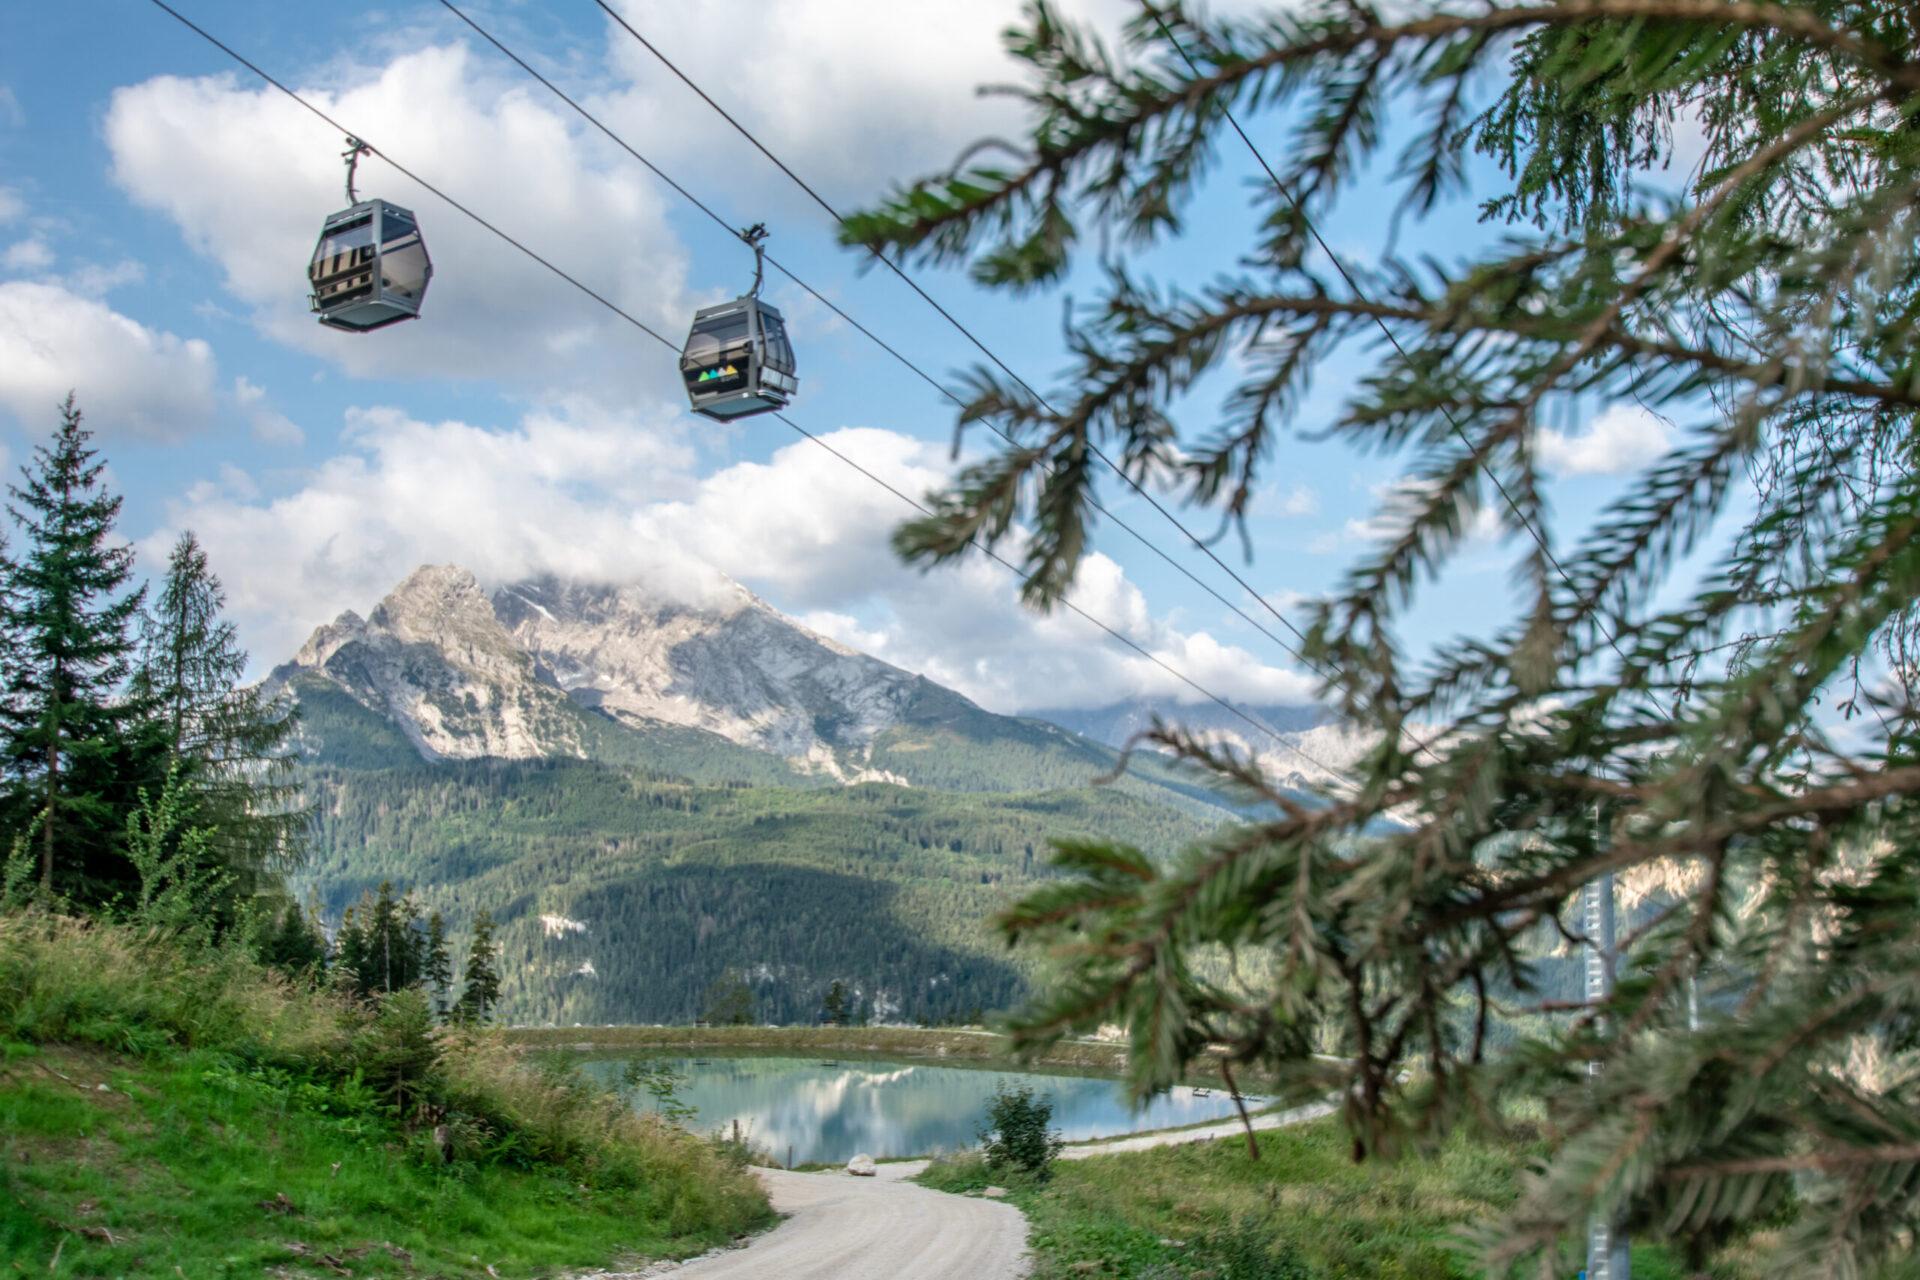 Berchtesgadener Land Tourismus Jennerbahn Gondeln ueber dem Beschneiungsteich scaled e1625564494503